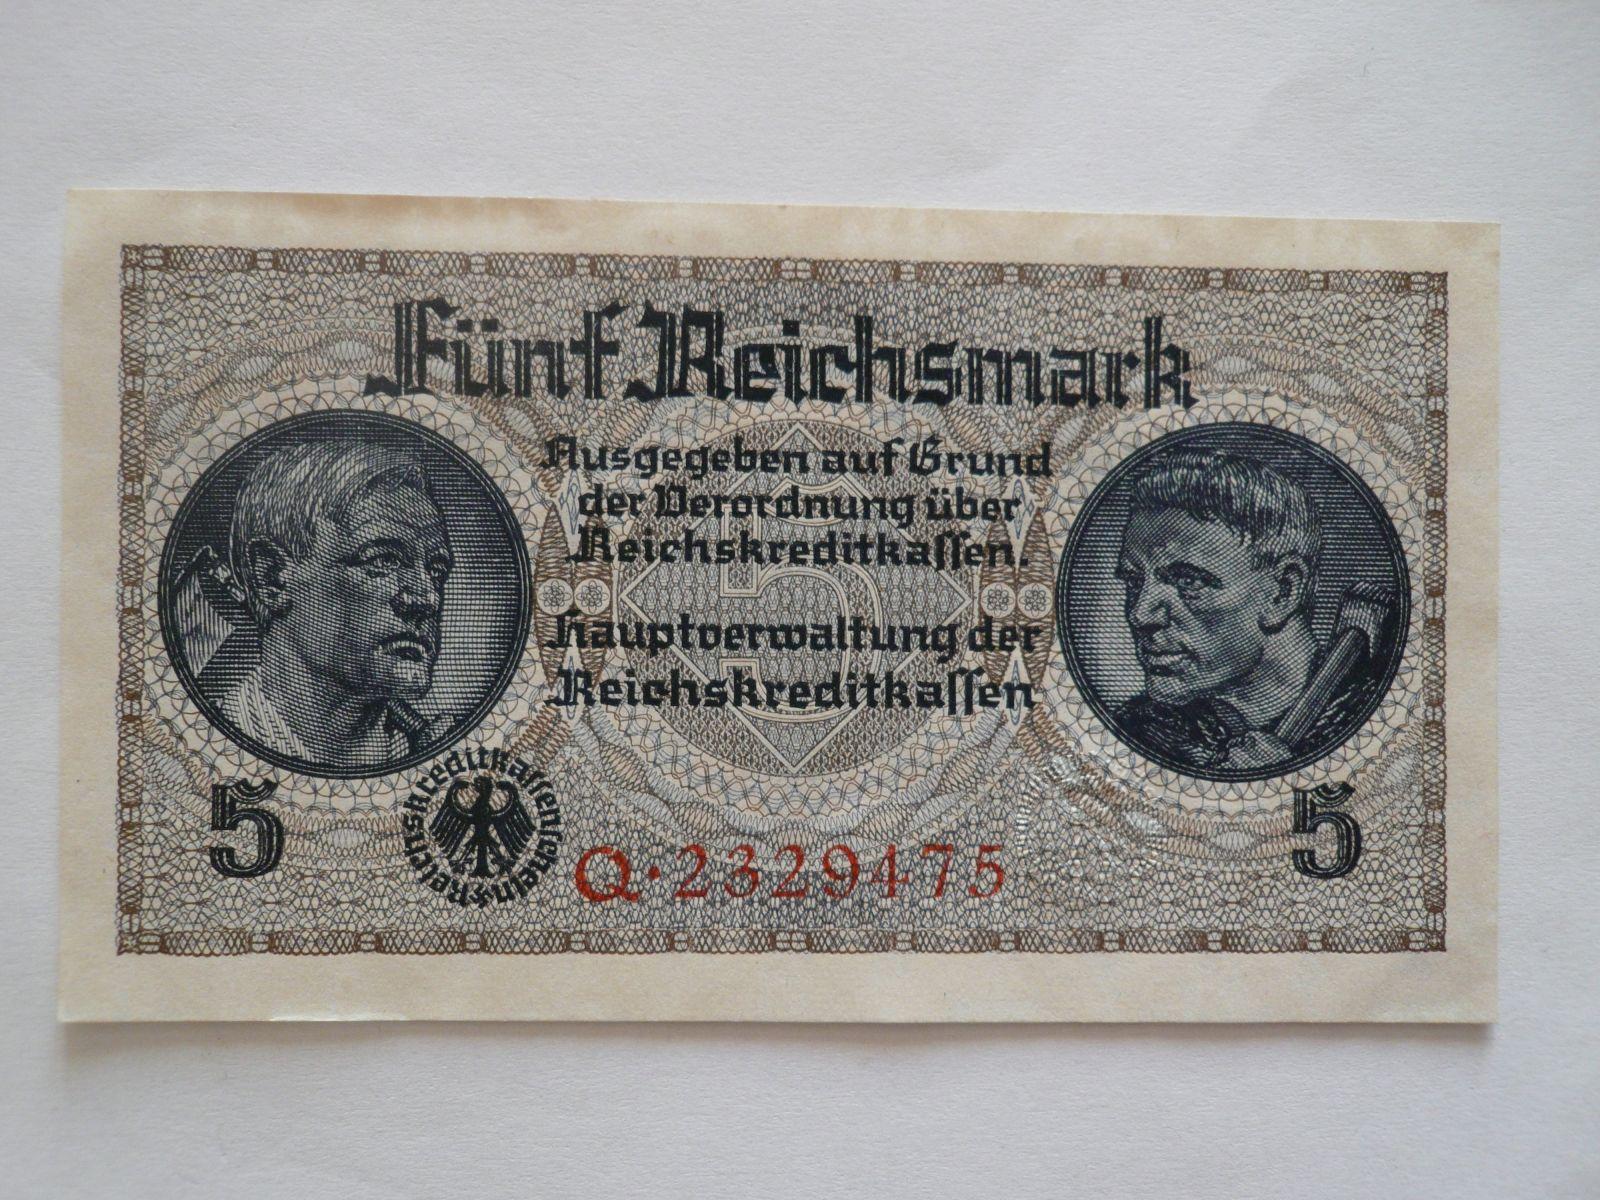 5 Marek, Německo, říšská kreditní pokladna